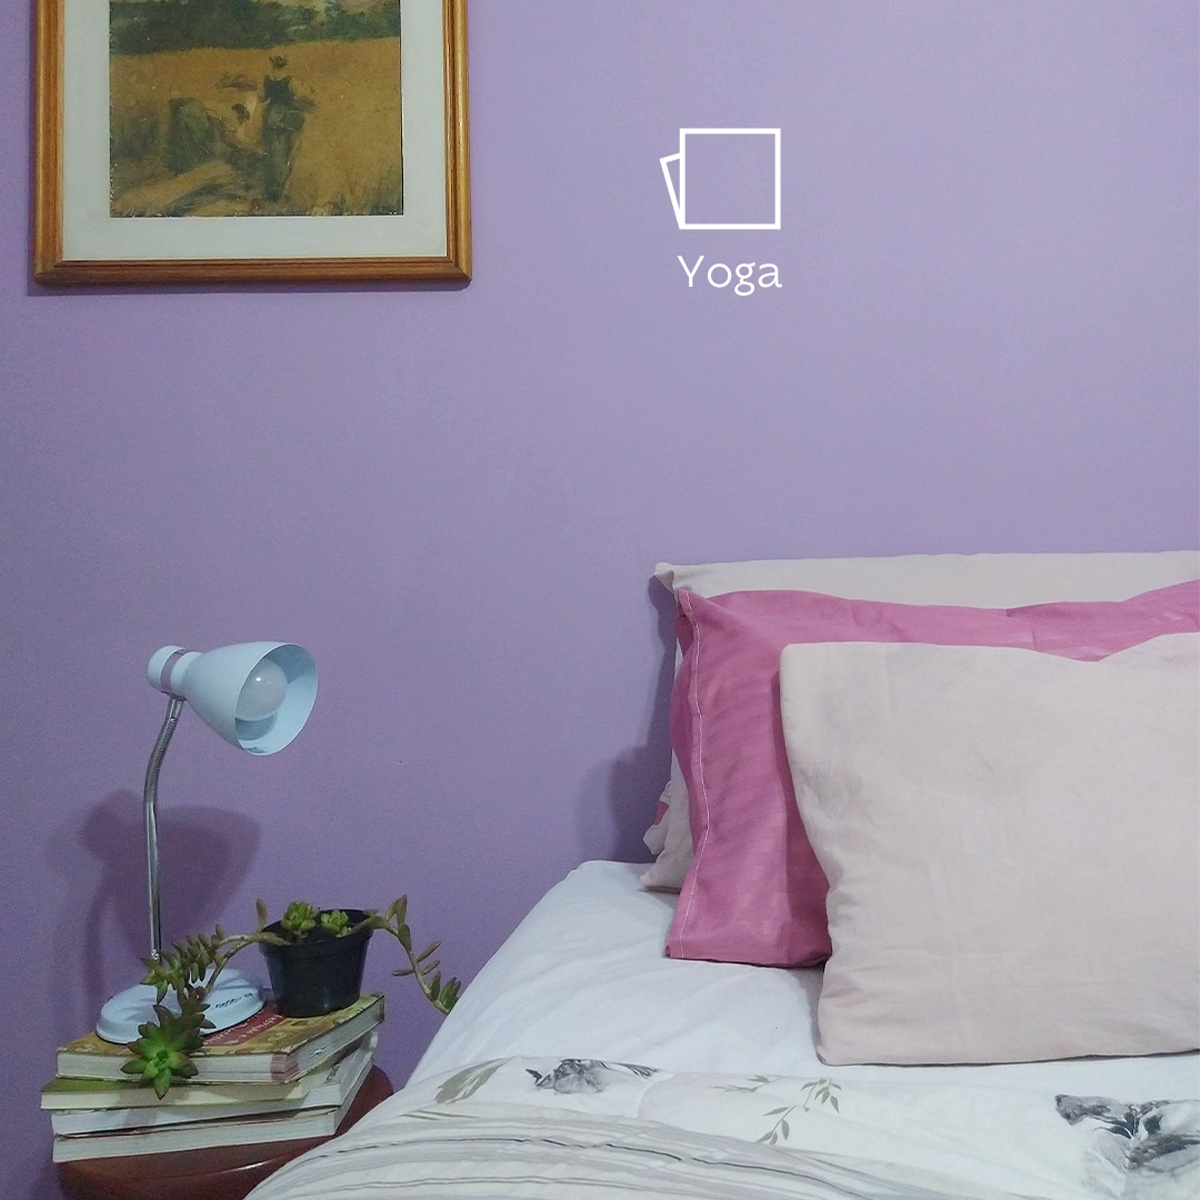 Foto do lado esquerdo de uma cama com travesseiros em diferentes tons de rosa e uma mesinha de cabeceira com livros, um vasinho de planta e uma luminária. A parede está pintada na cor Yoga com o ícone de cor.